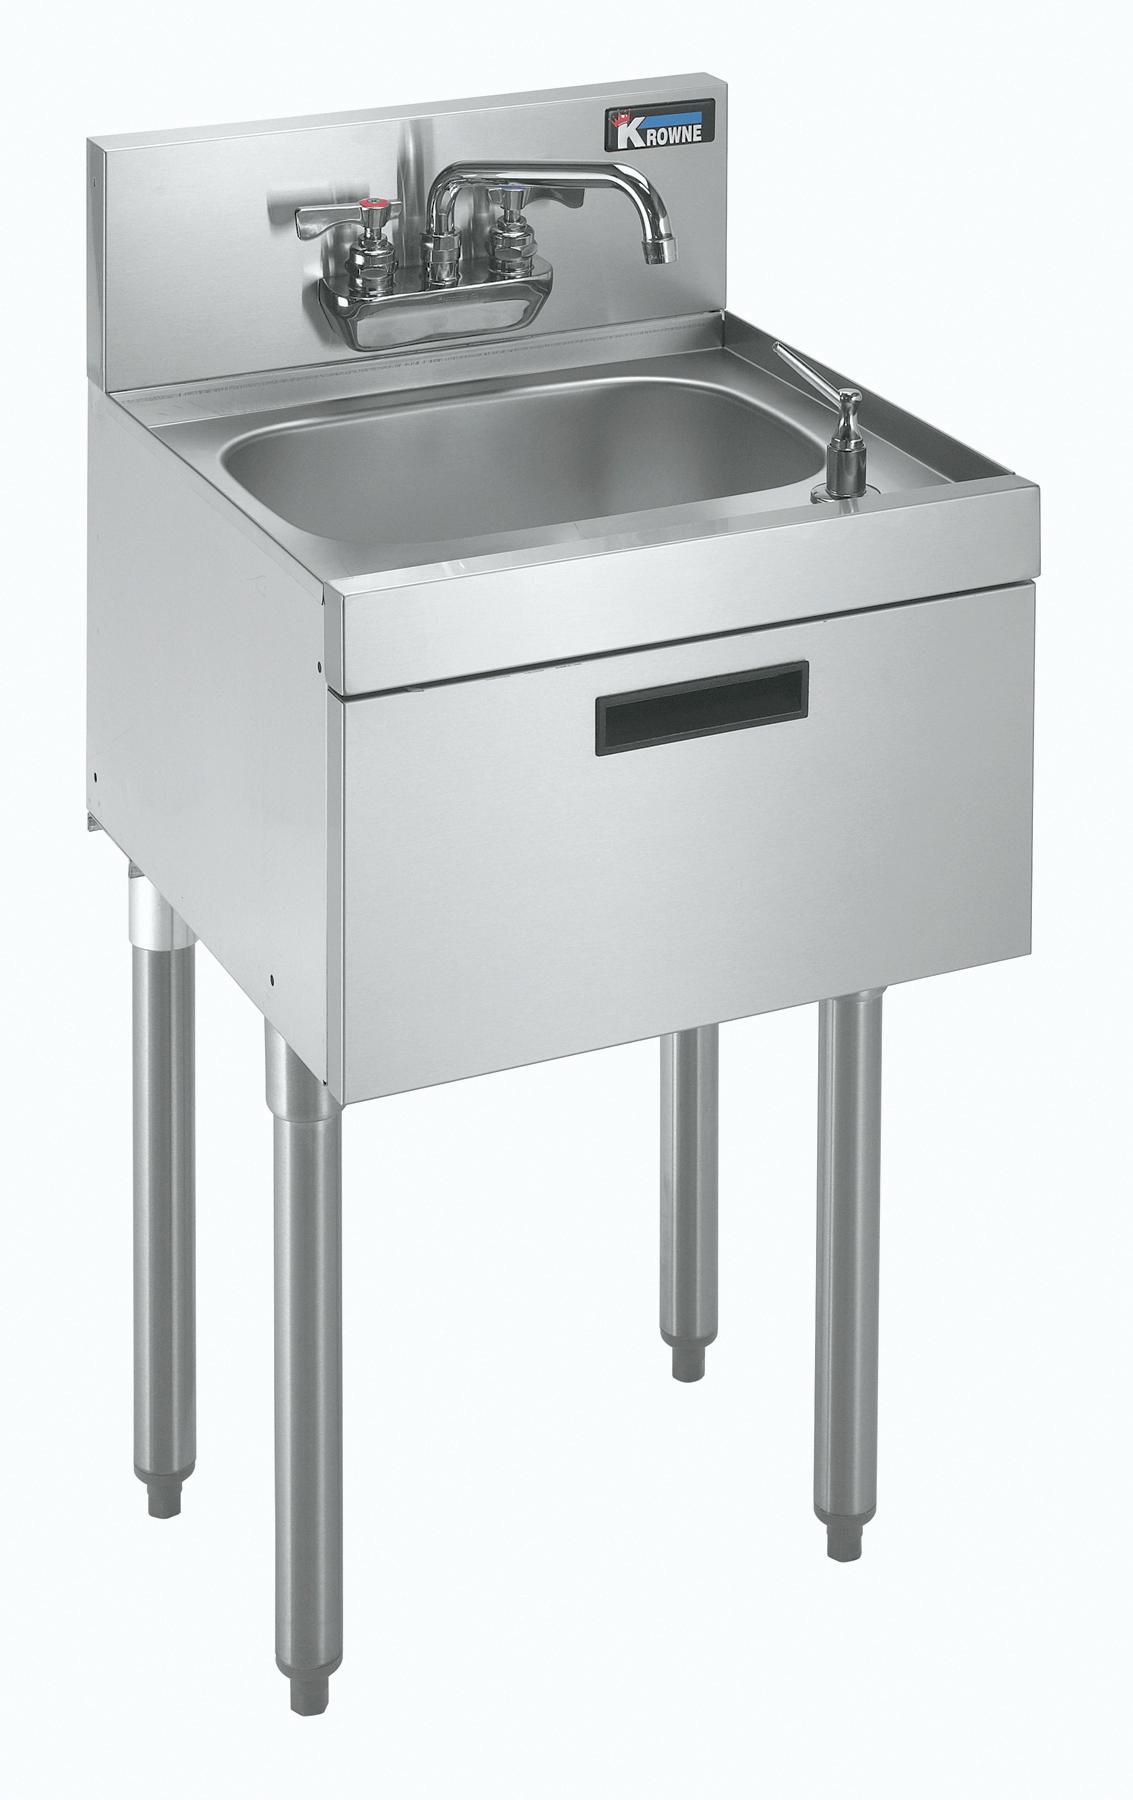 Krowne Metal KR18-12DST underbar hand sink unit